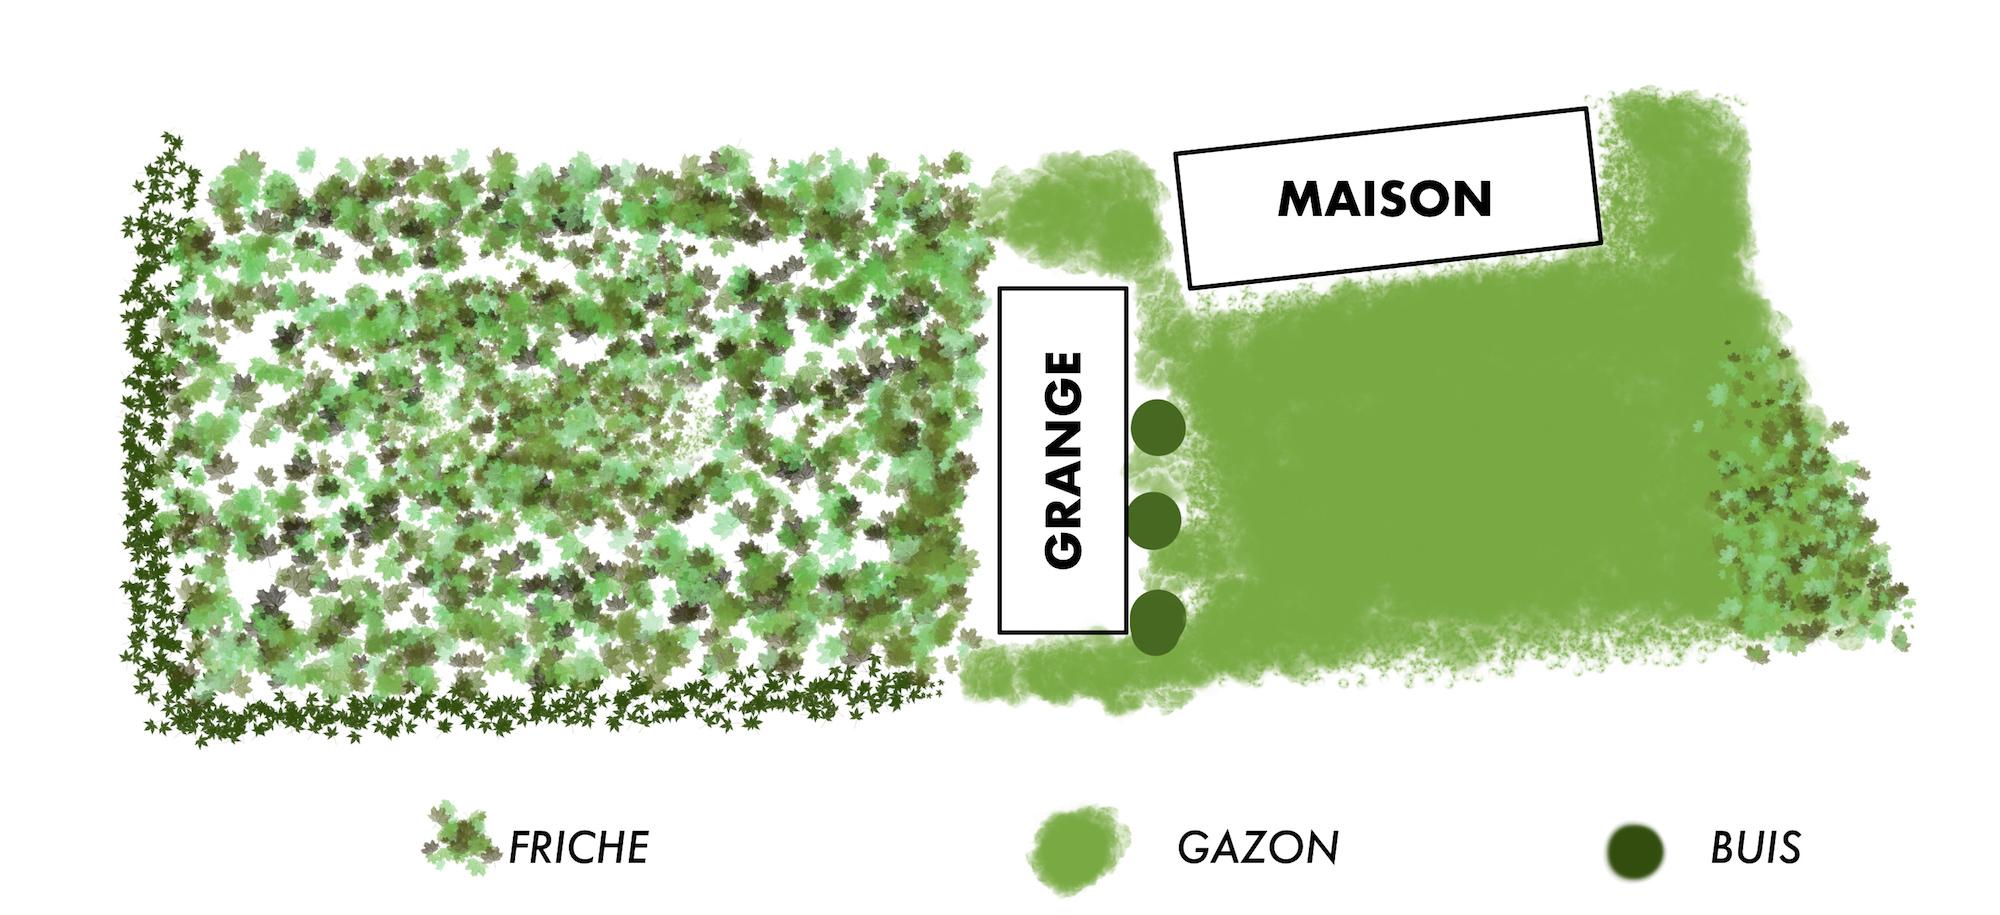 jardin maison vgl